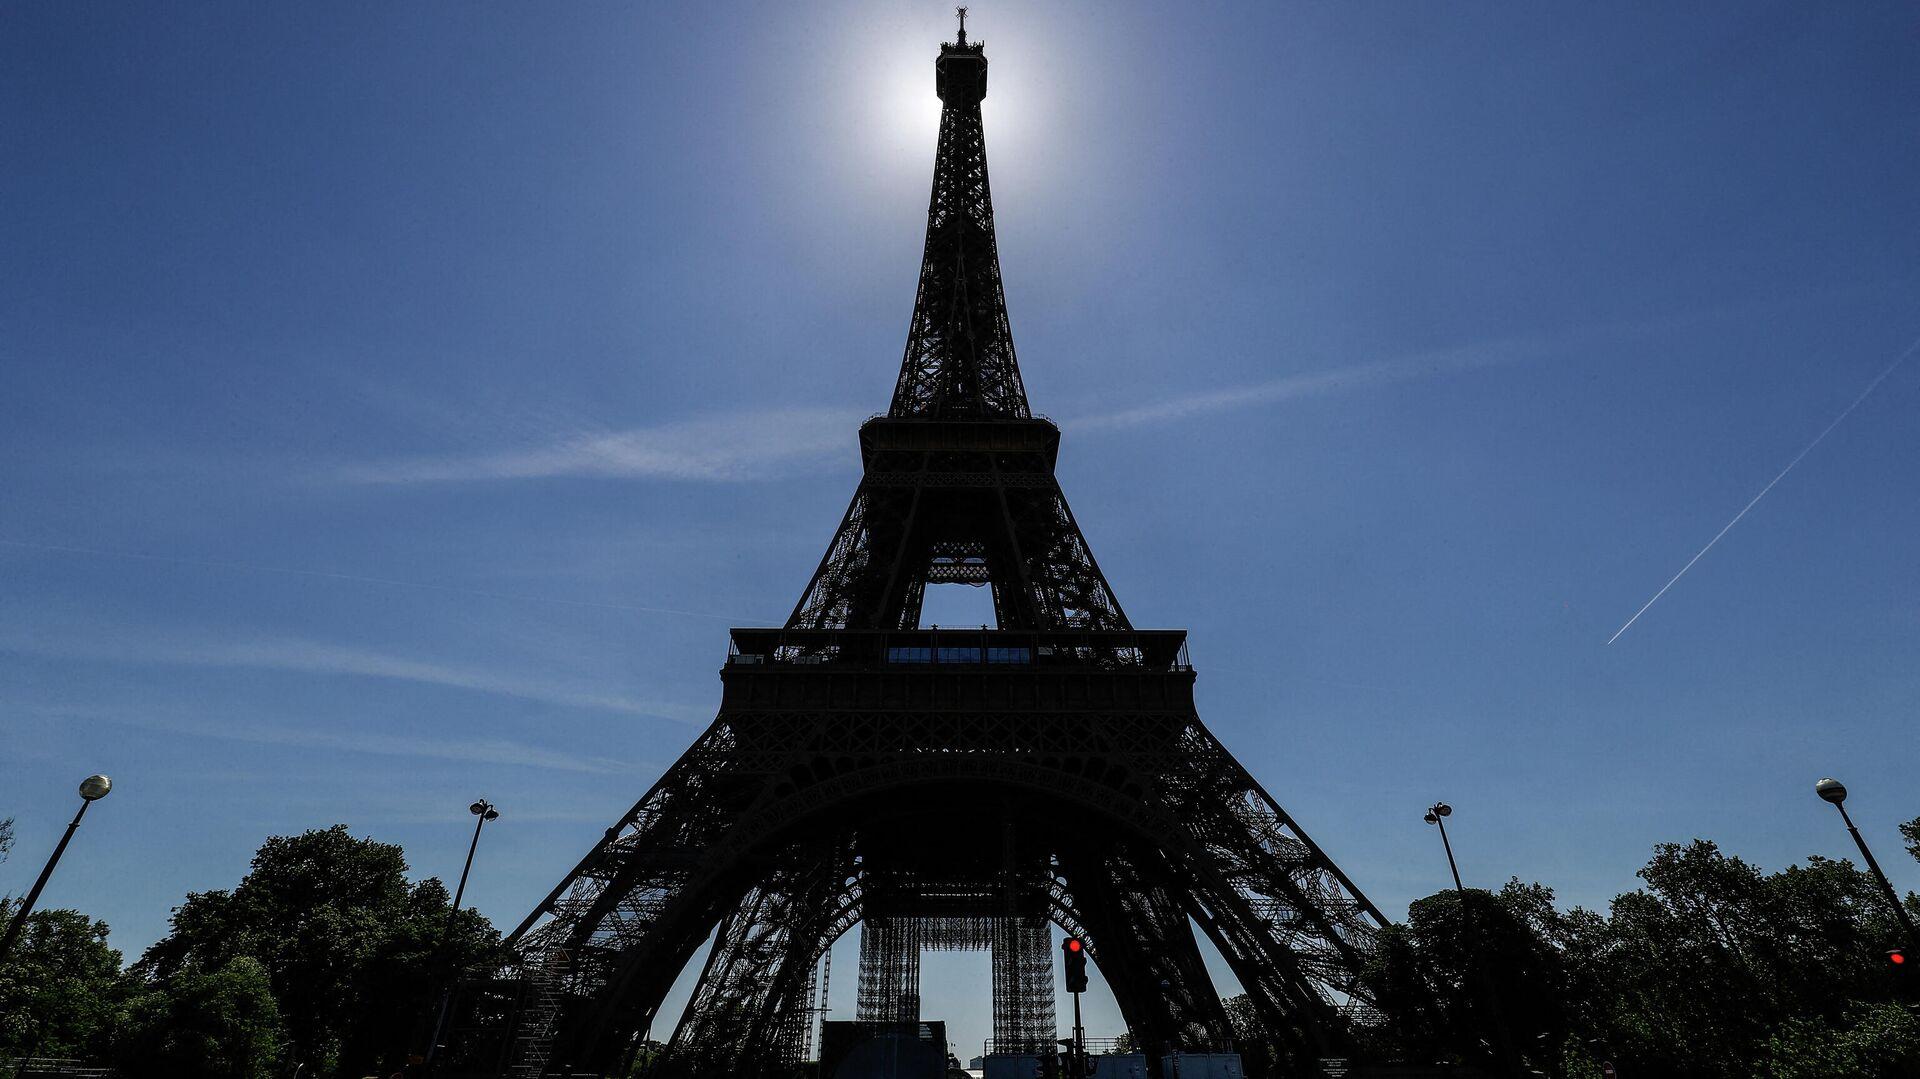 Παρίσι - Πύργος του Άιφελ - Sputnik Ελλάδα, 1920, 05.10.2021